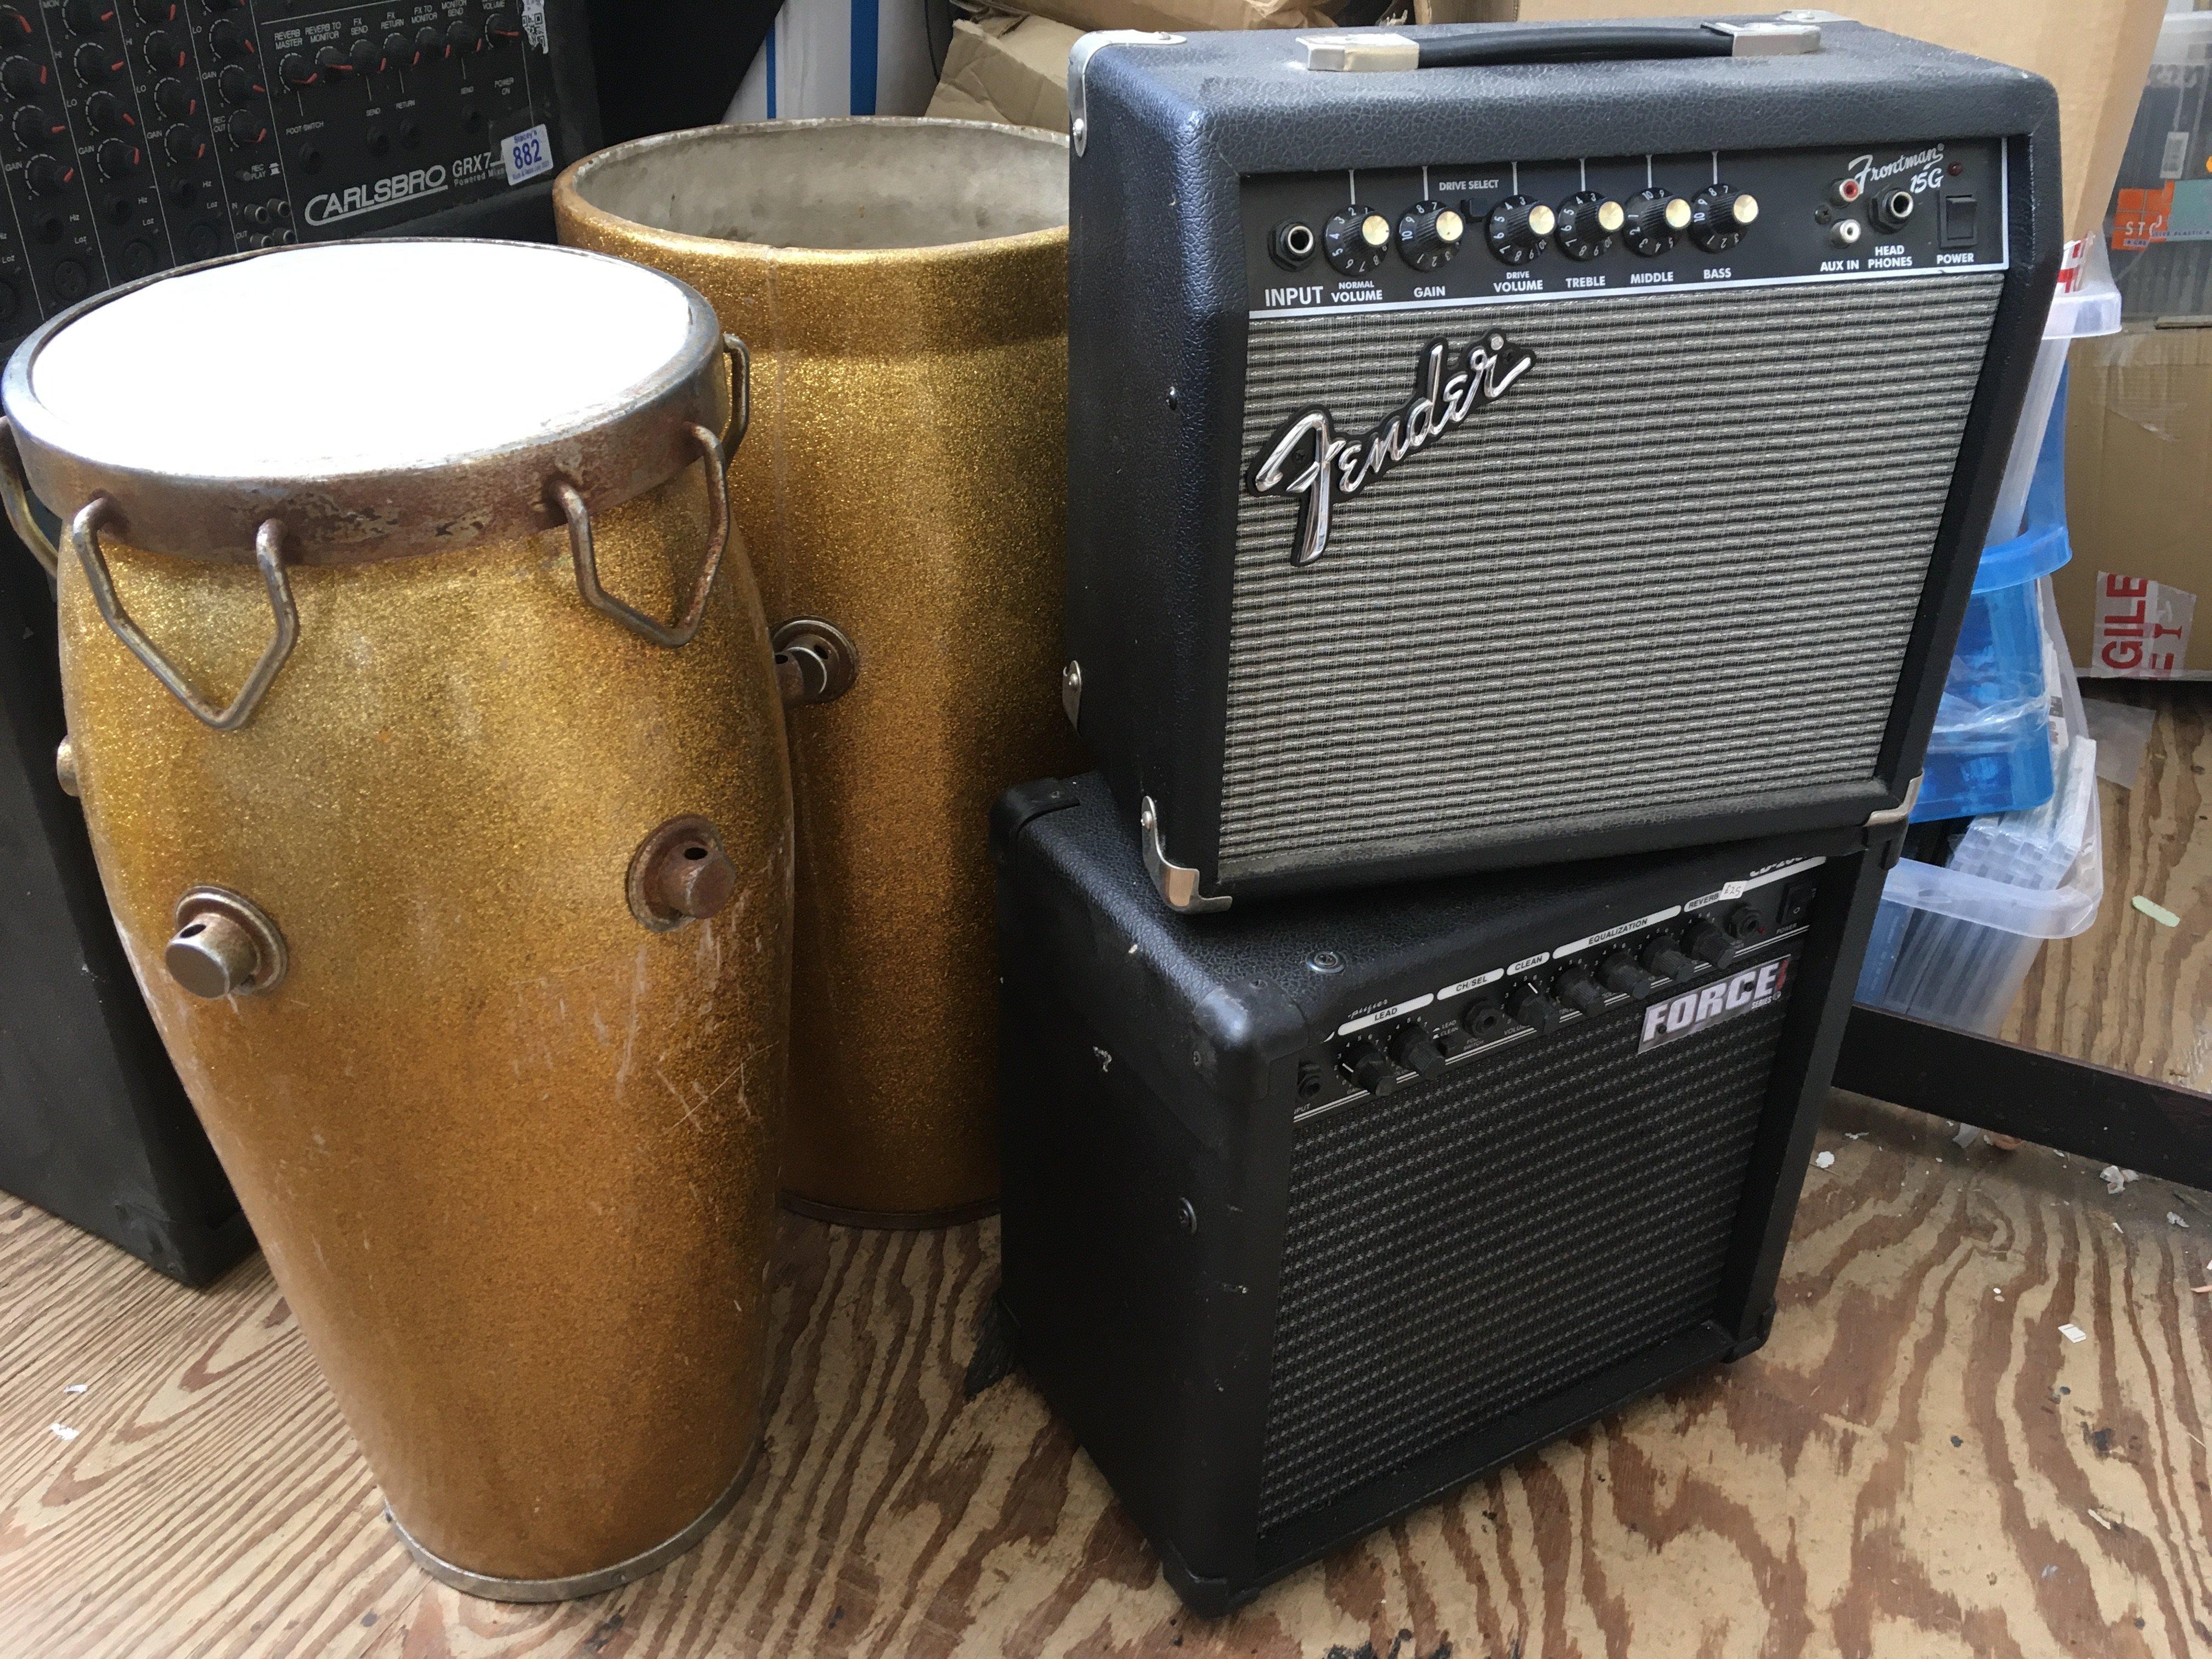 A Fender Frontman 15G gutar amplifier, a Force CD2